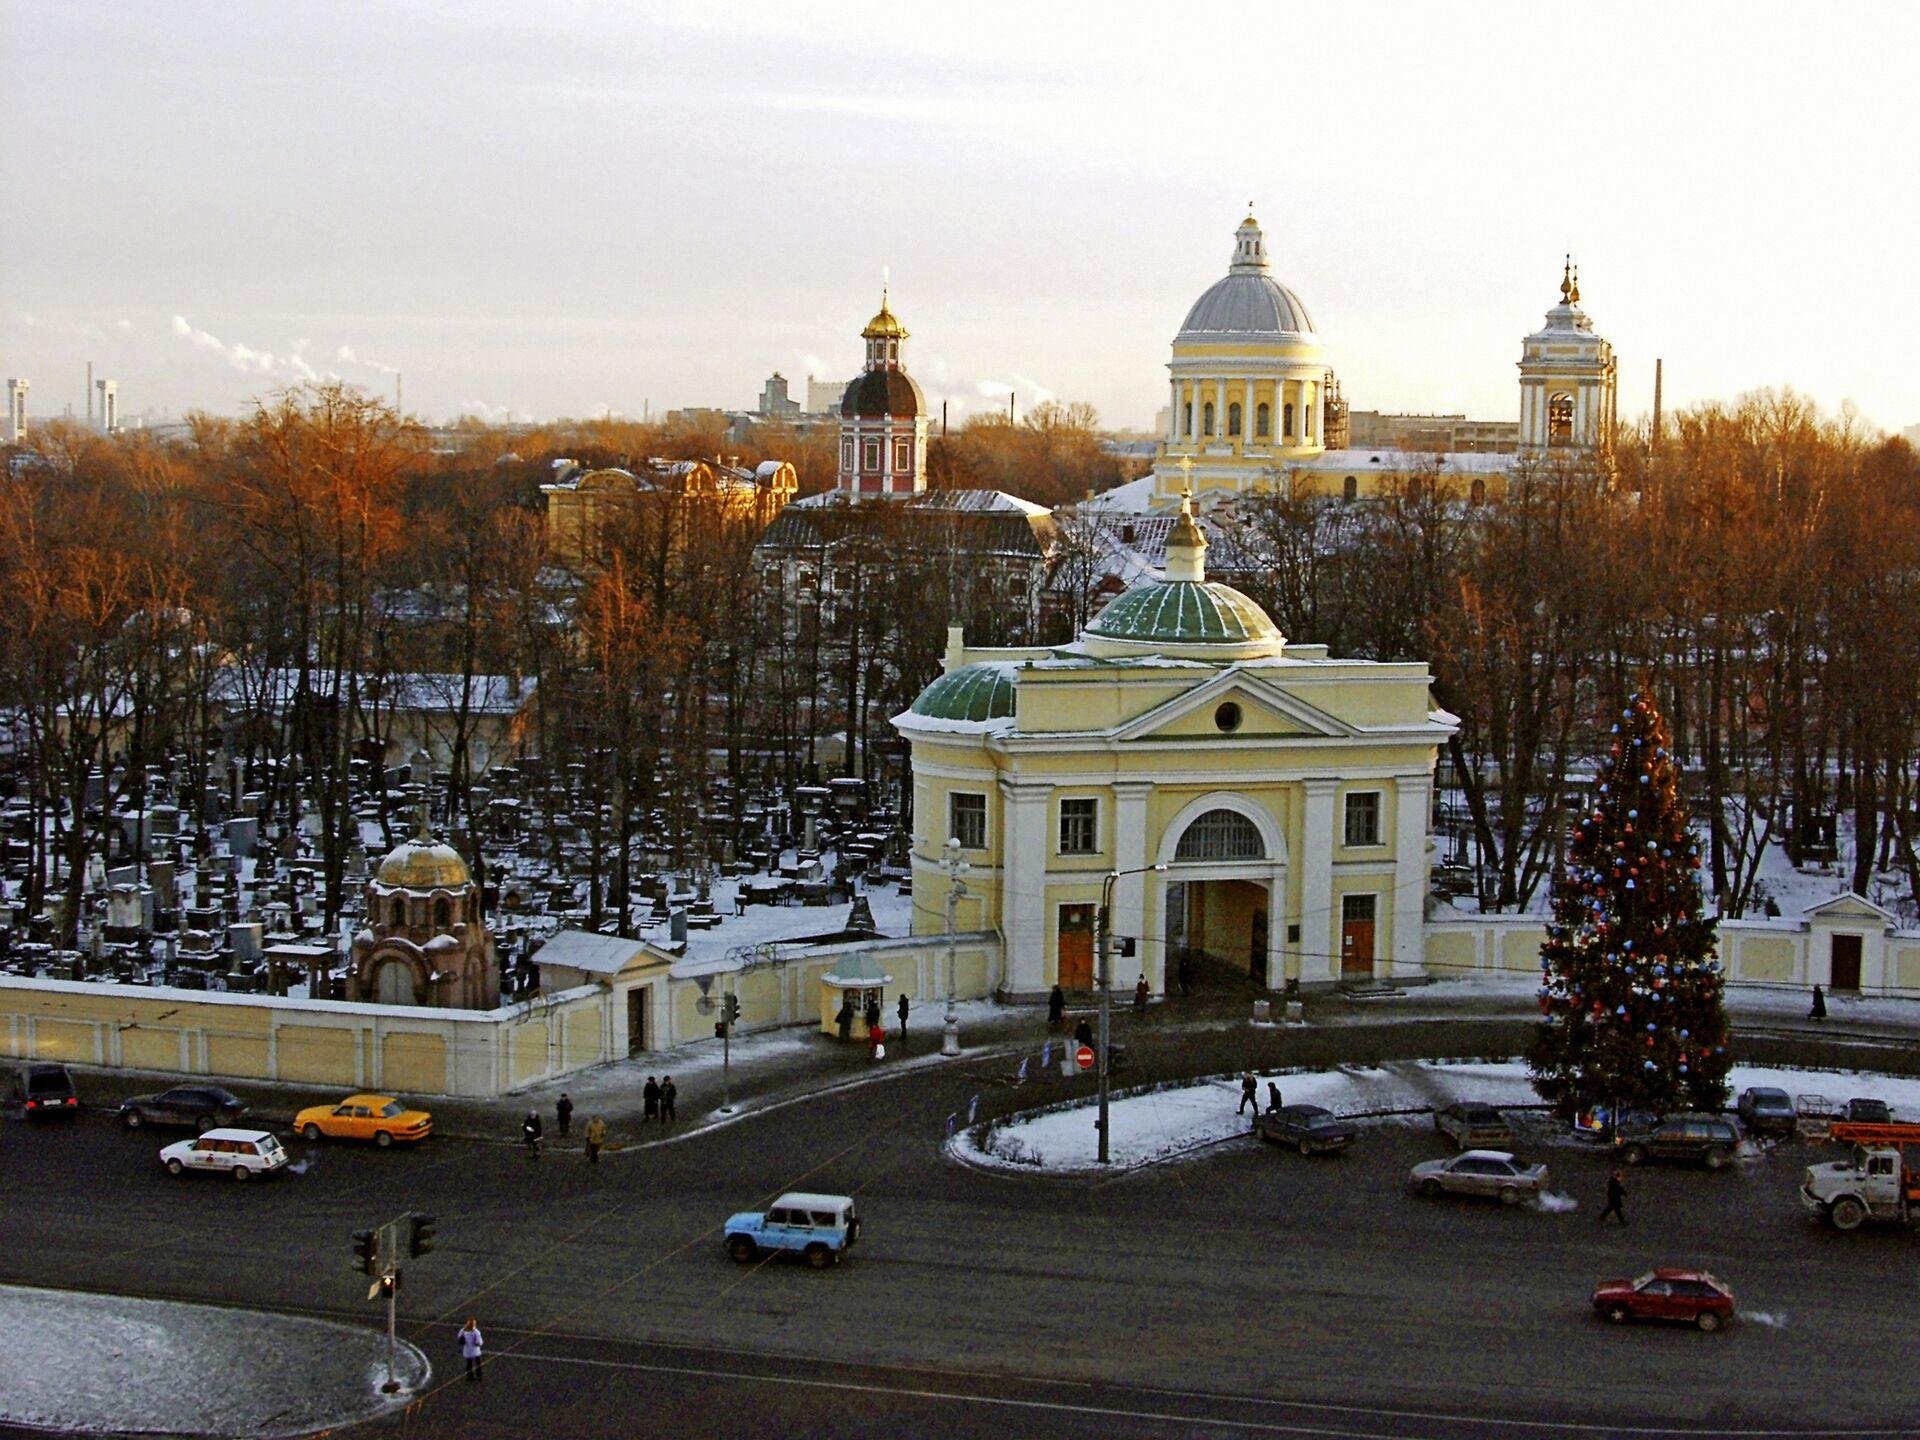 Александро-Невская Лавра в Санкт-Петербурге - РИА Новости, 1920, 18.04.2021